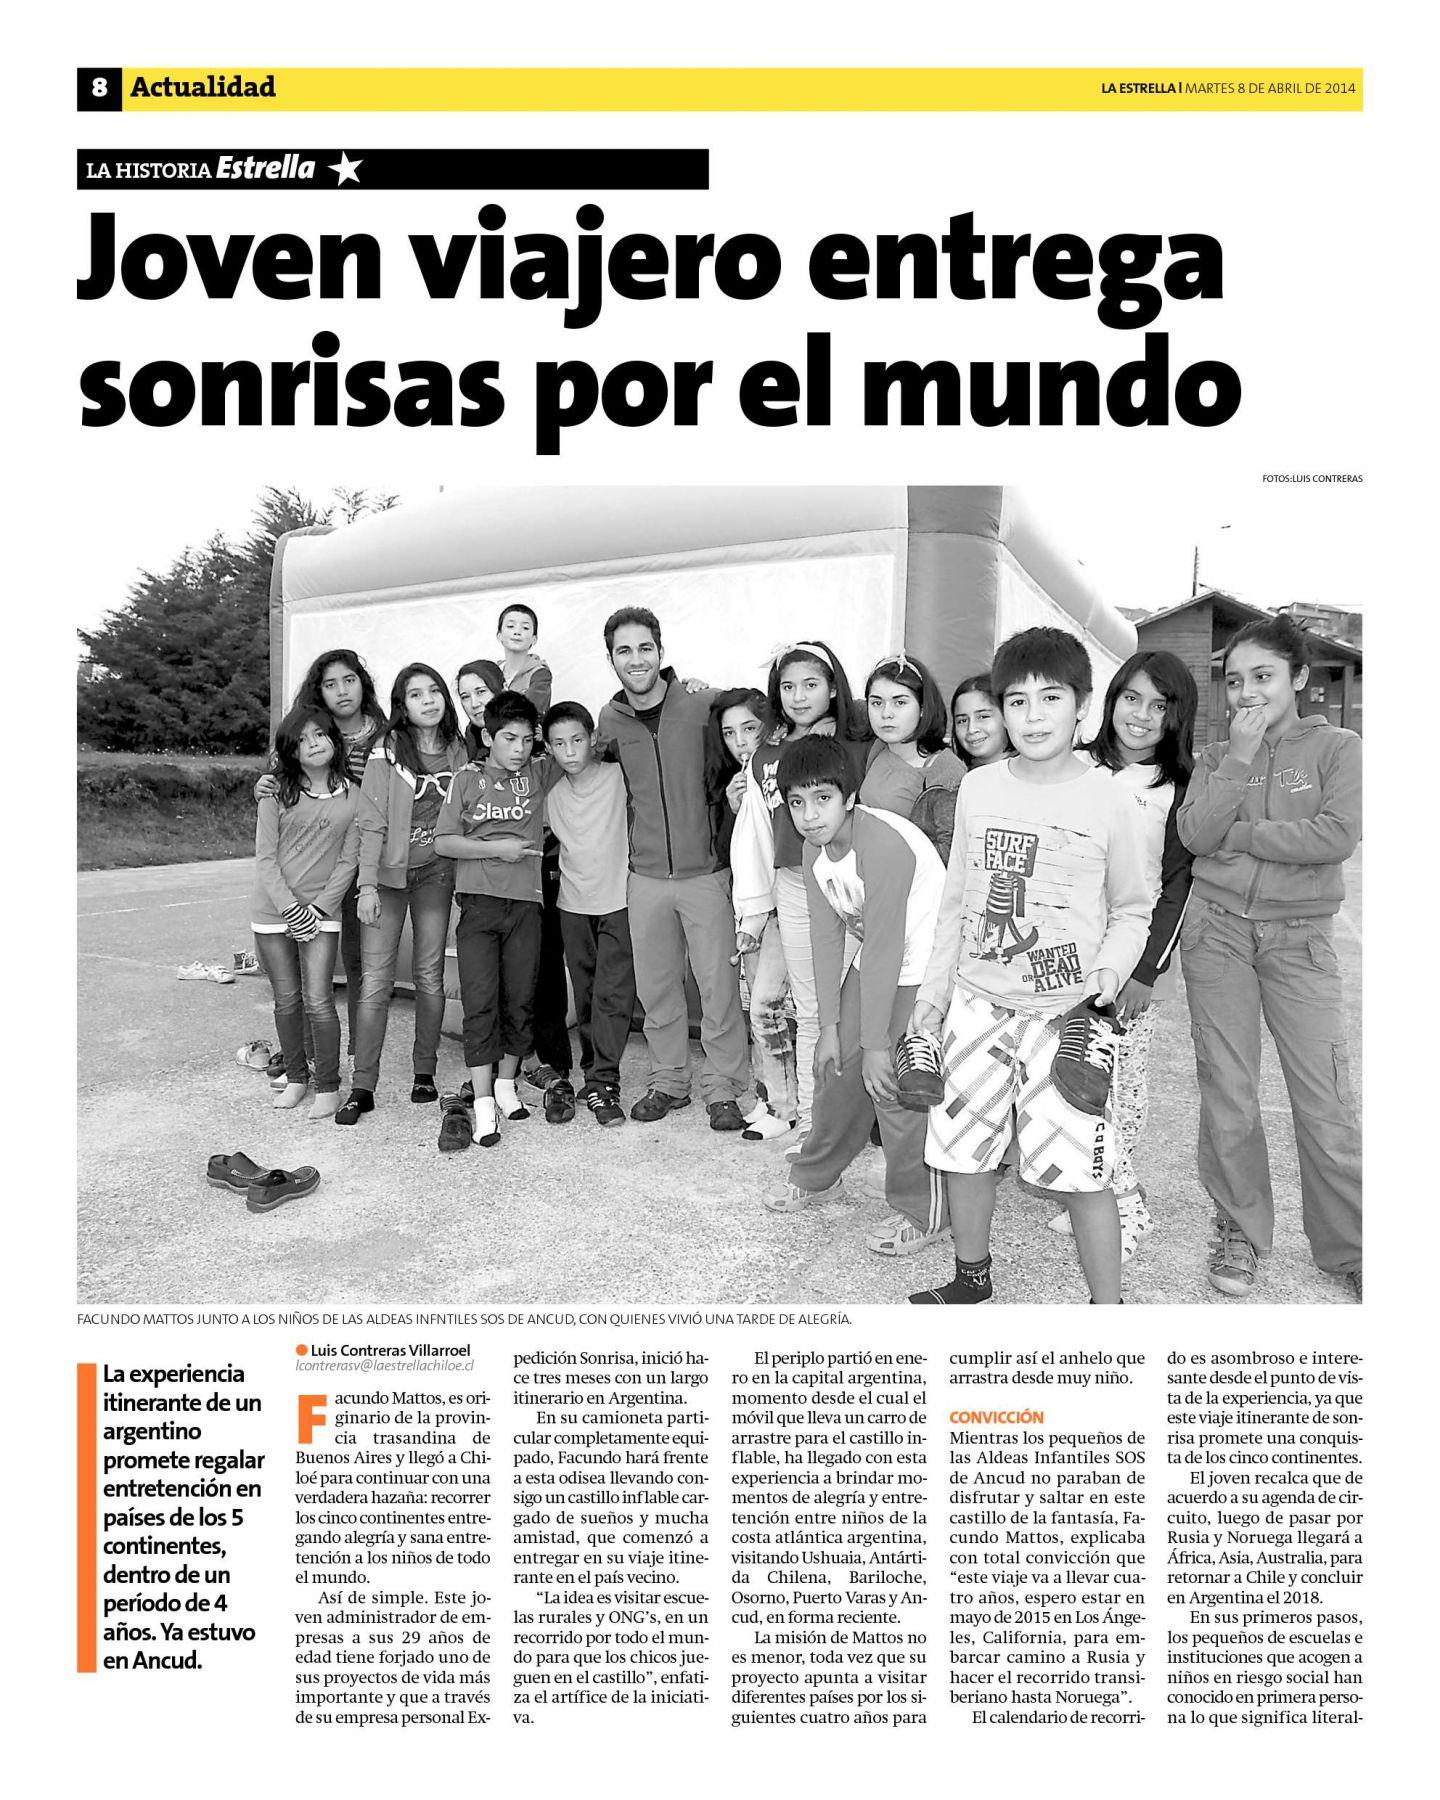 Entrevista el diario La Estrella de Chile: Joven Viajero Entrega Sonrisas por el Mundo